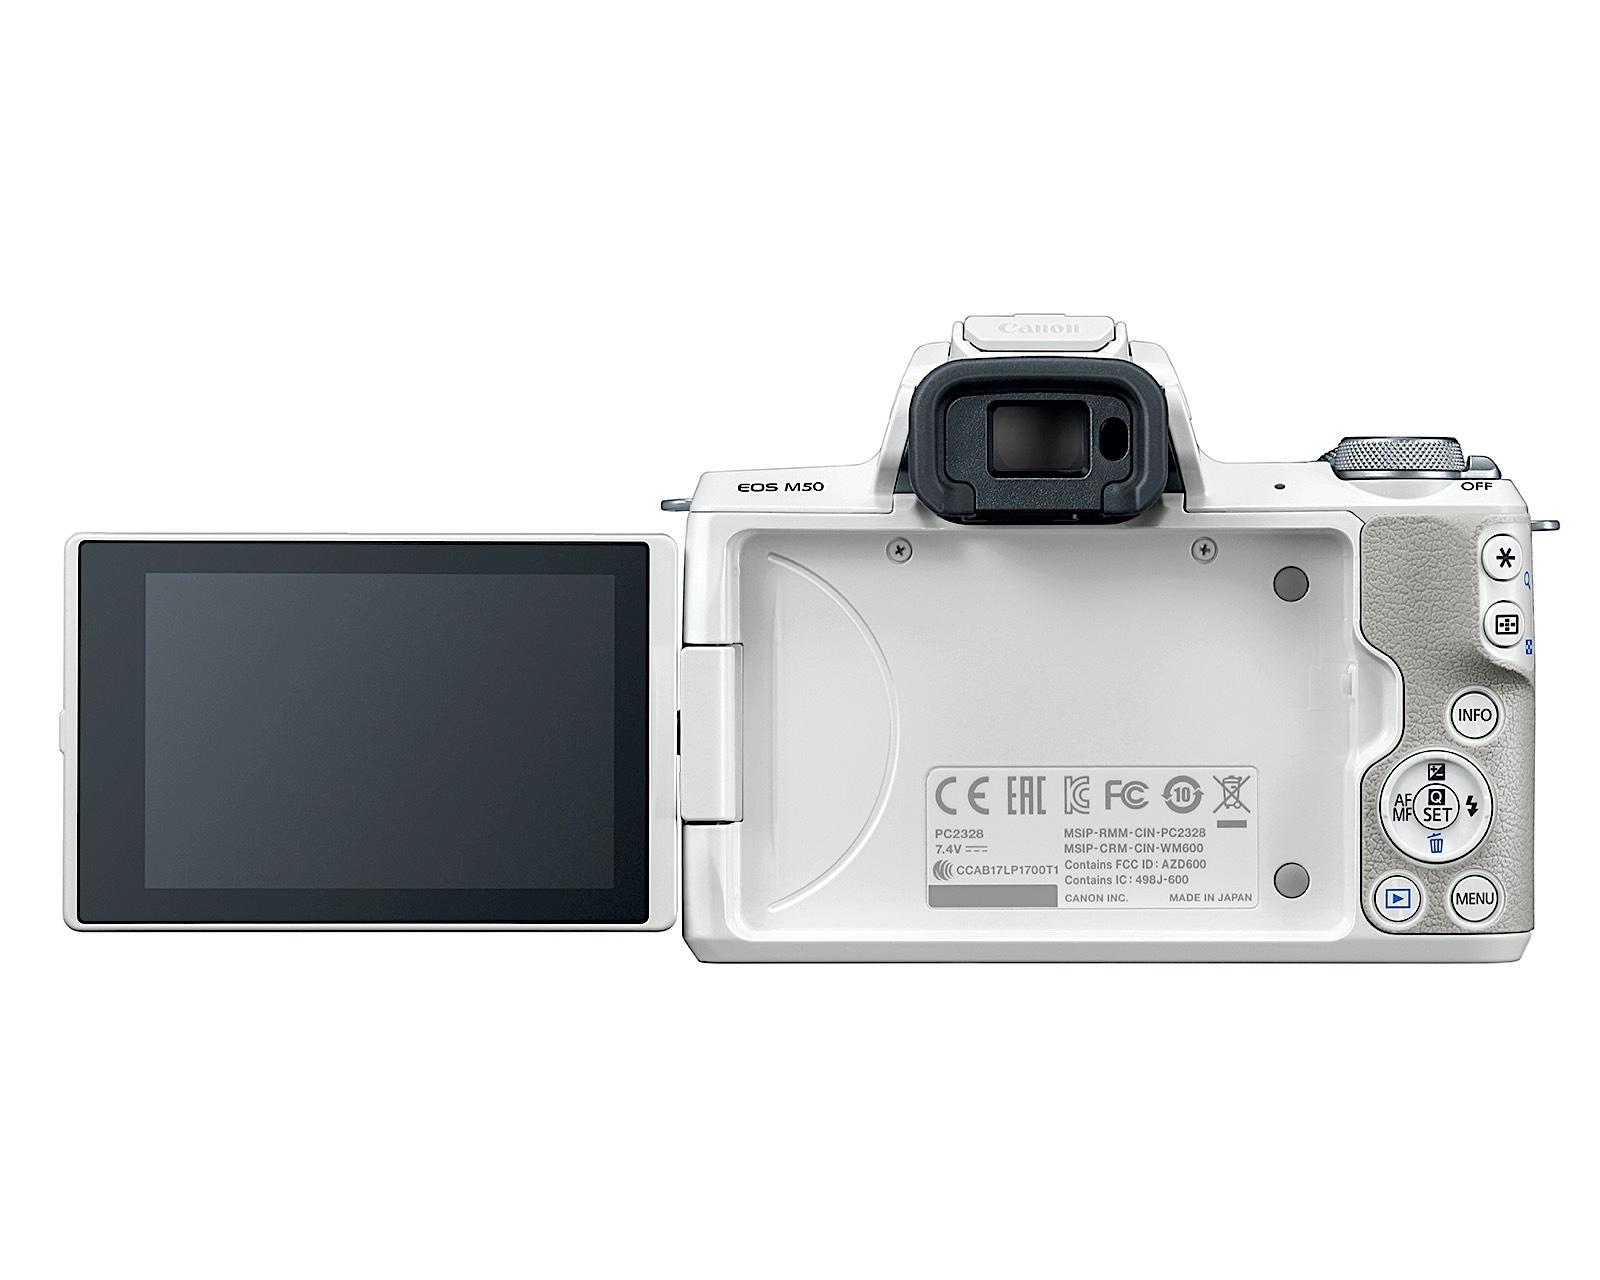 hr-eos-m50-black-efm15-45-stm-top-cl-1.jpg